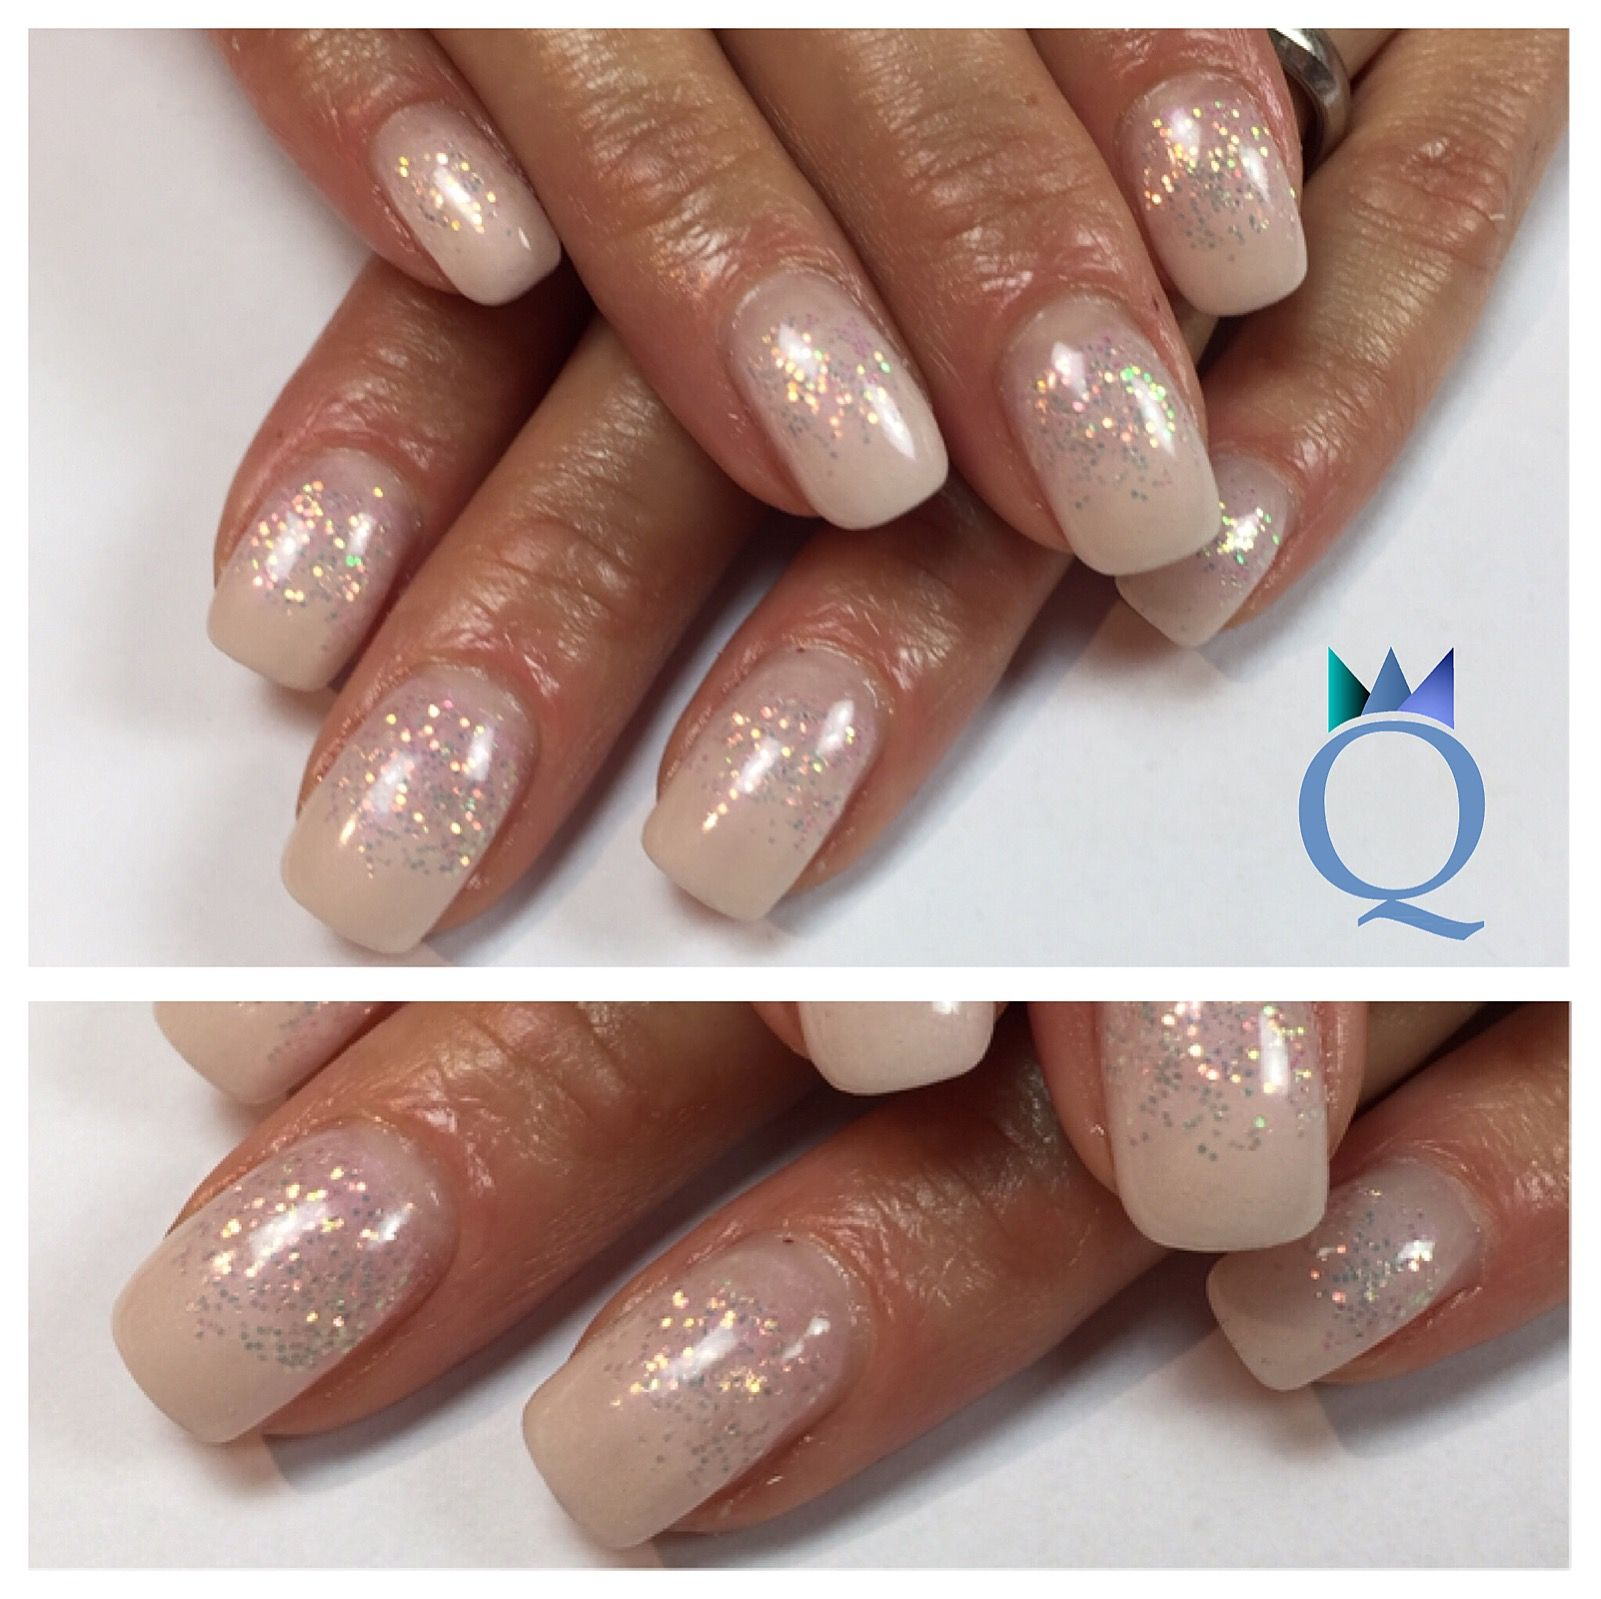 gelnails #nails #white #glitter #gelnägel #nägel #weiss #glitzer ...